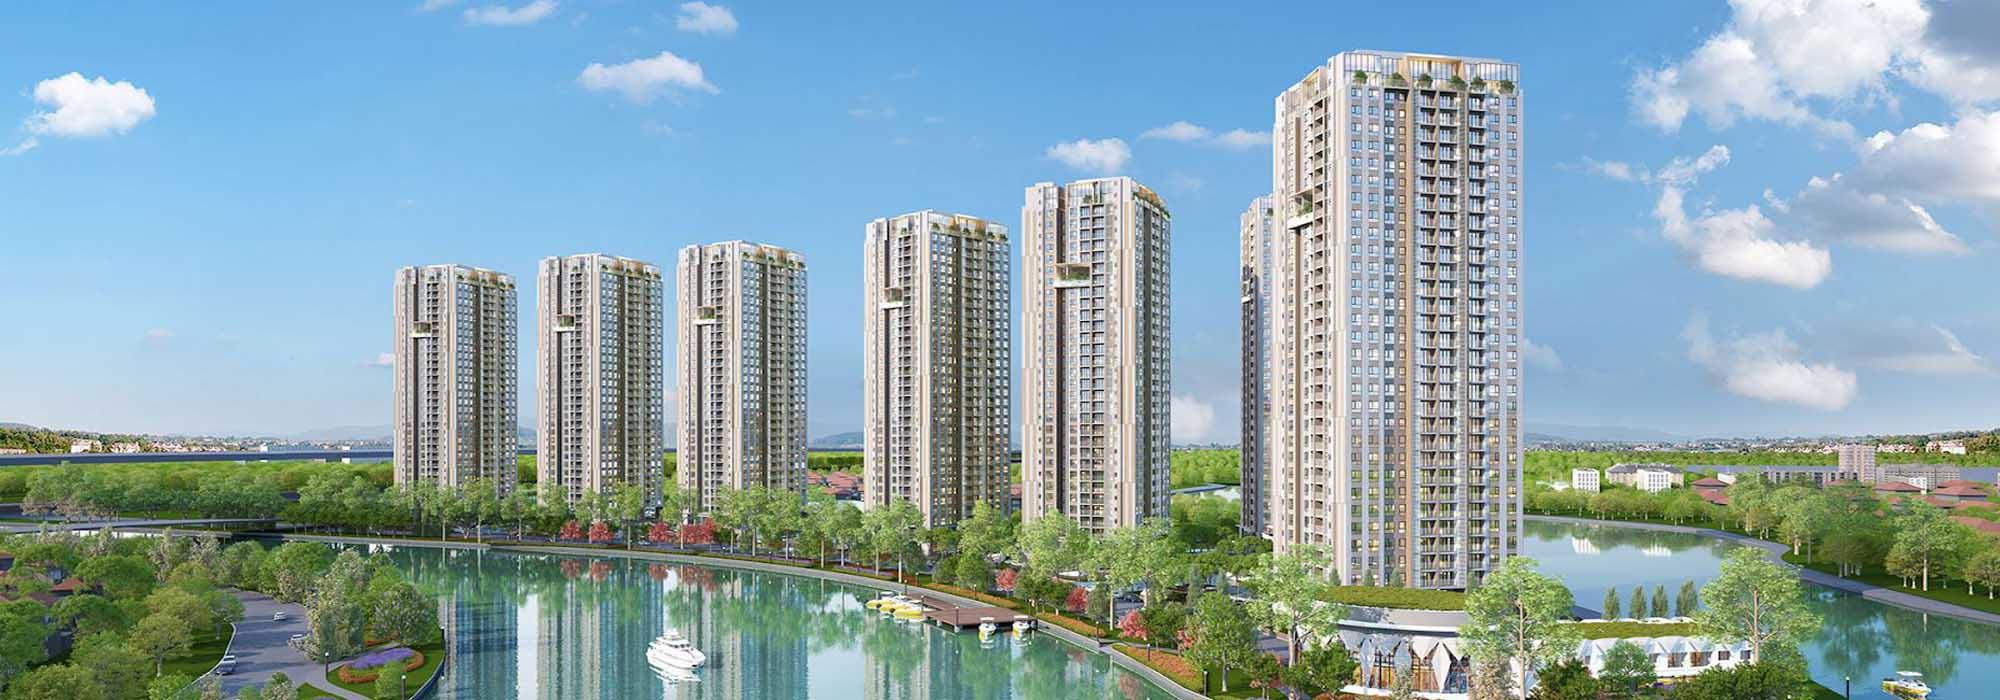 Top 10 Dự Án Chung Cư Thủ Thiêm Quận 2 Nổi Bật